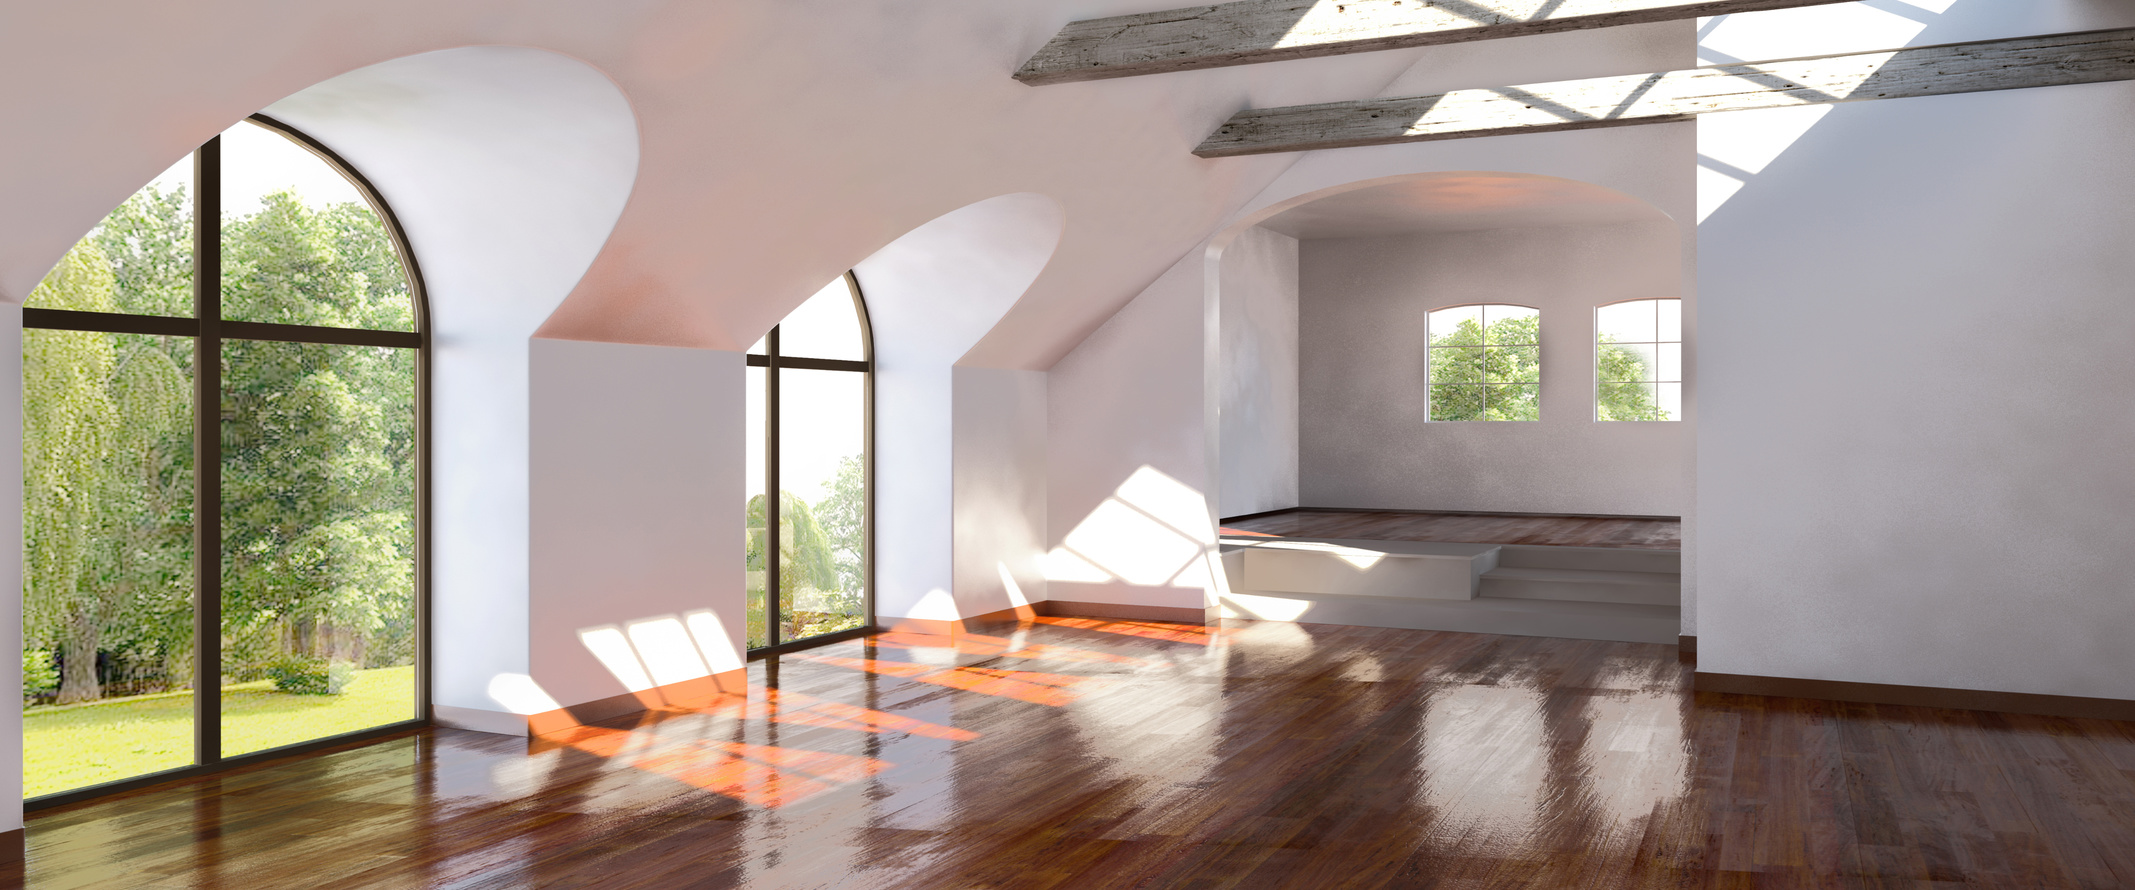 r ductions d 39 imp t solutions de d fiscalisation immobili re et financi re. Black Bedroom Furniture Sets. Home Design Ideas